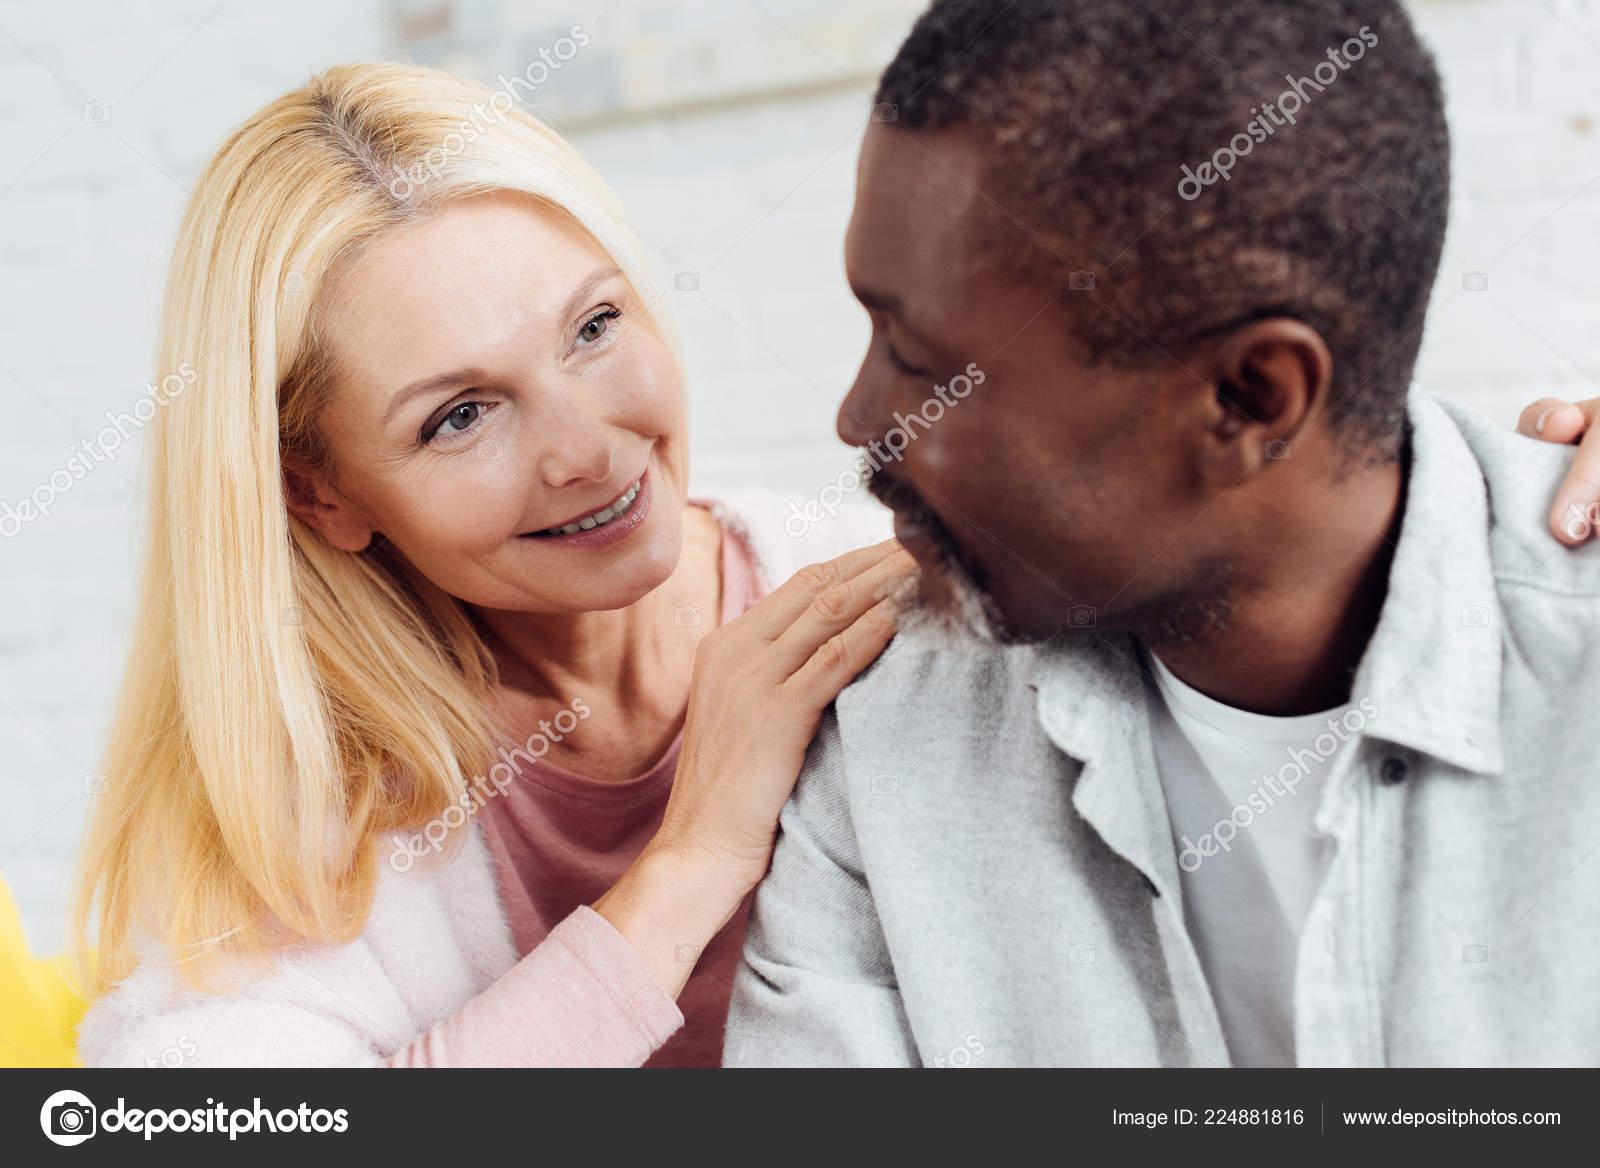 ψυχολογική έρευνα σε απευθείας σύνδεση dating